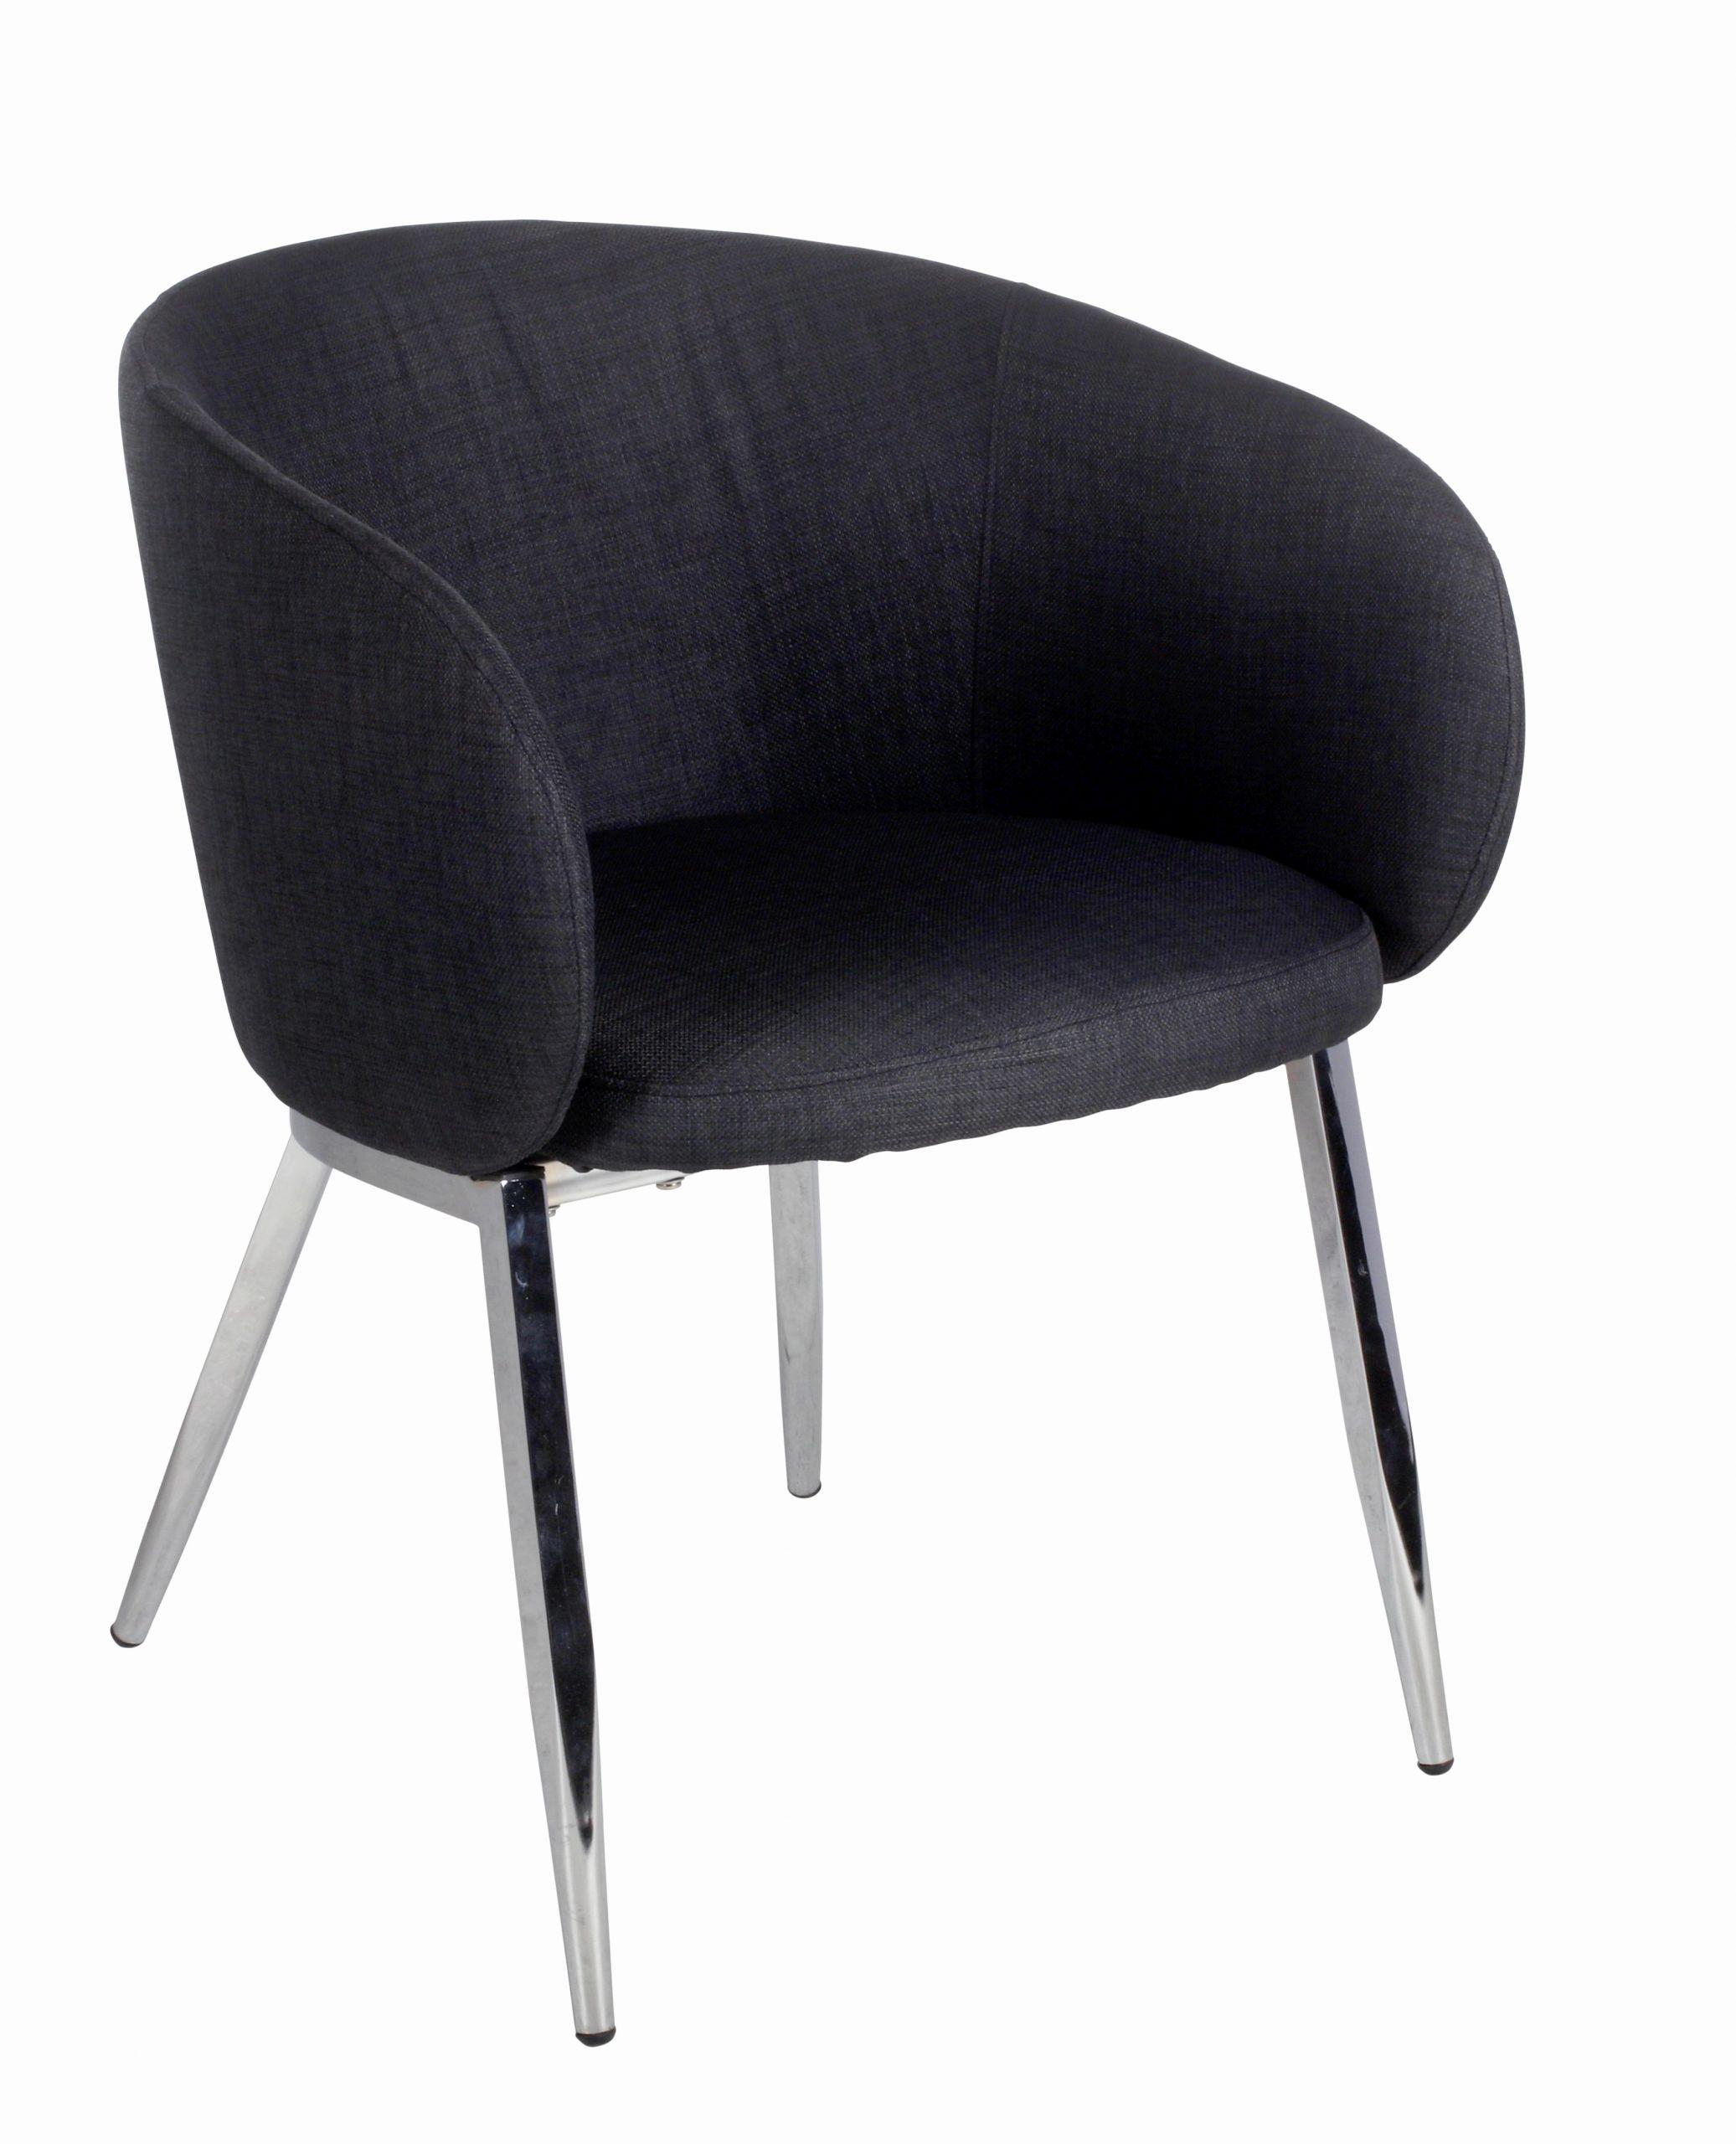 chaise fauteuil scandinave beau chaise vintage tissu fauteuil de table tissu frais fauteuil salon 0d of chaise fauteuil scandinave